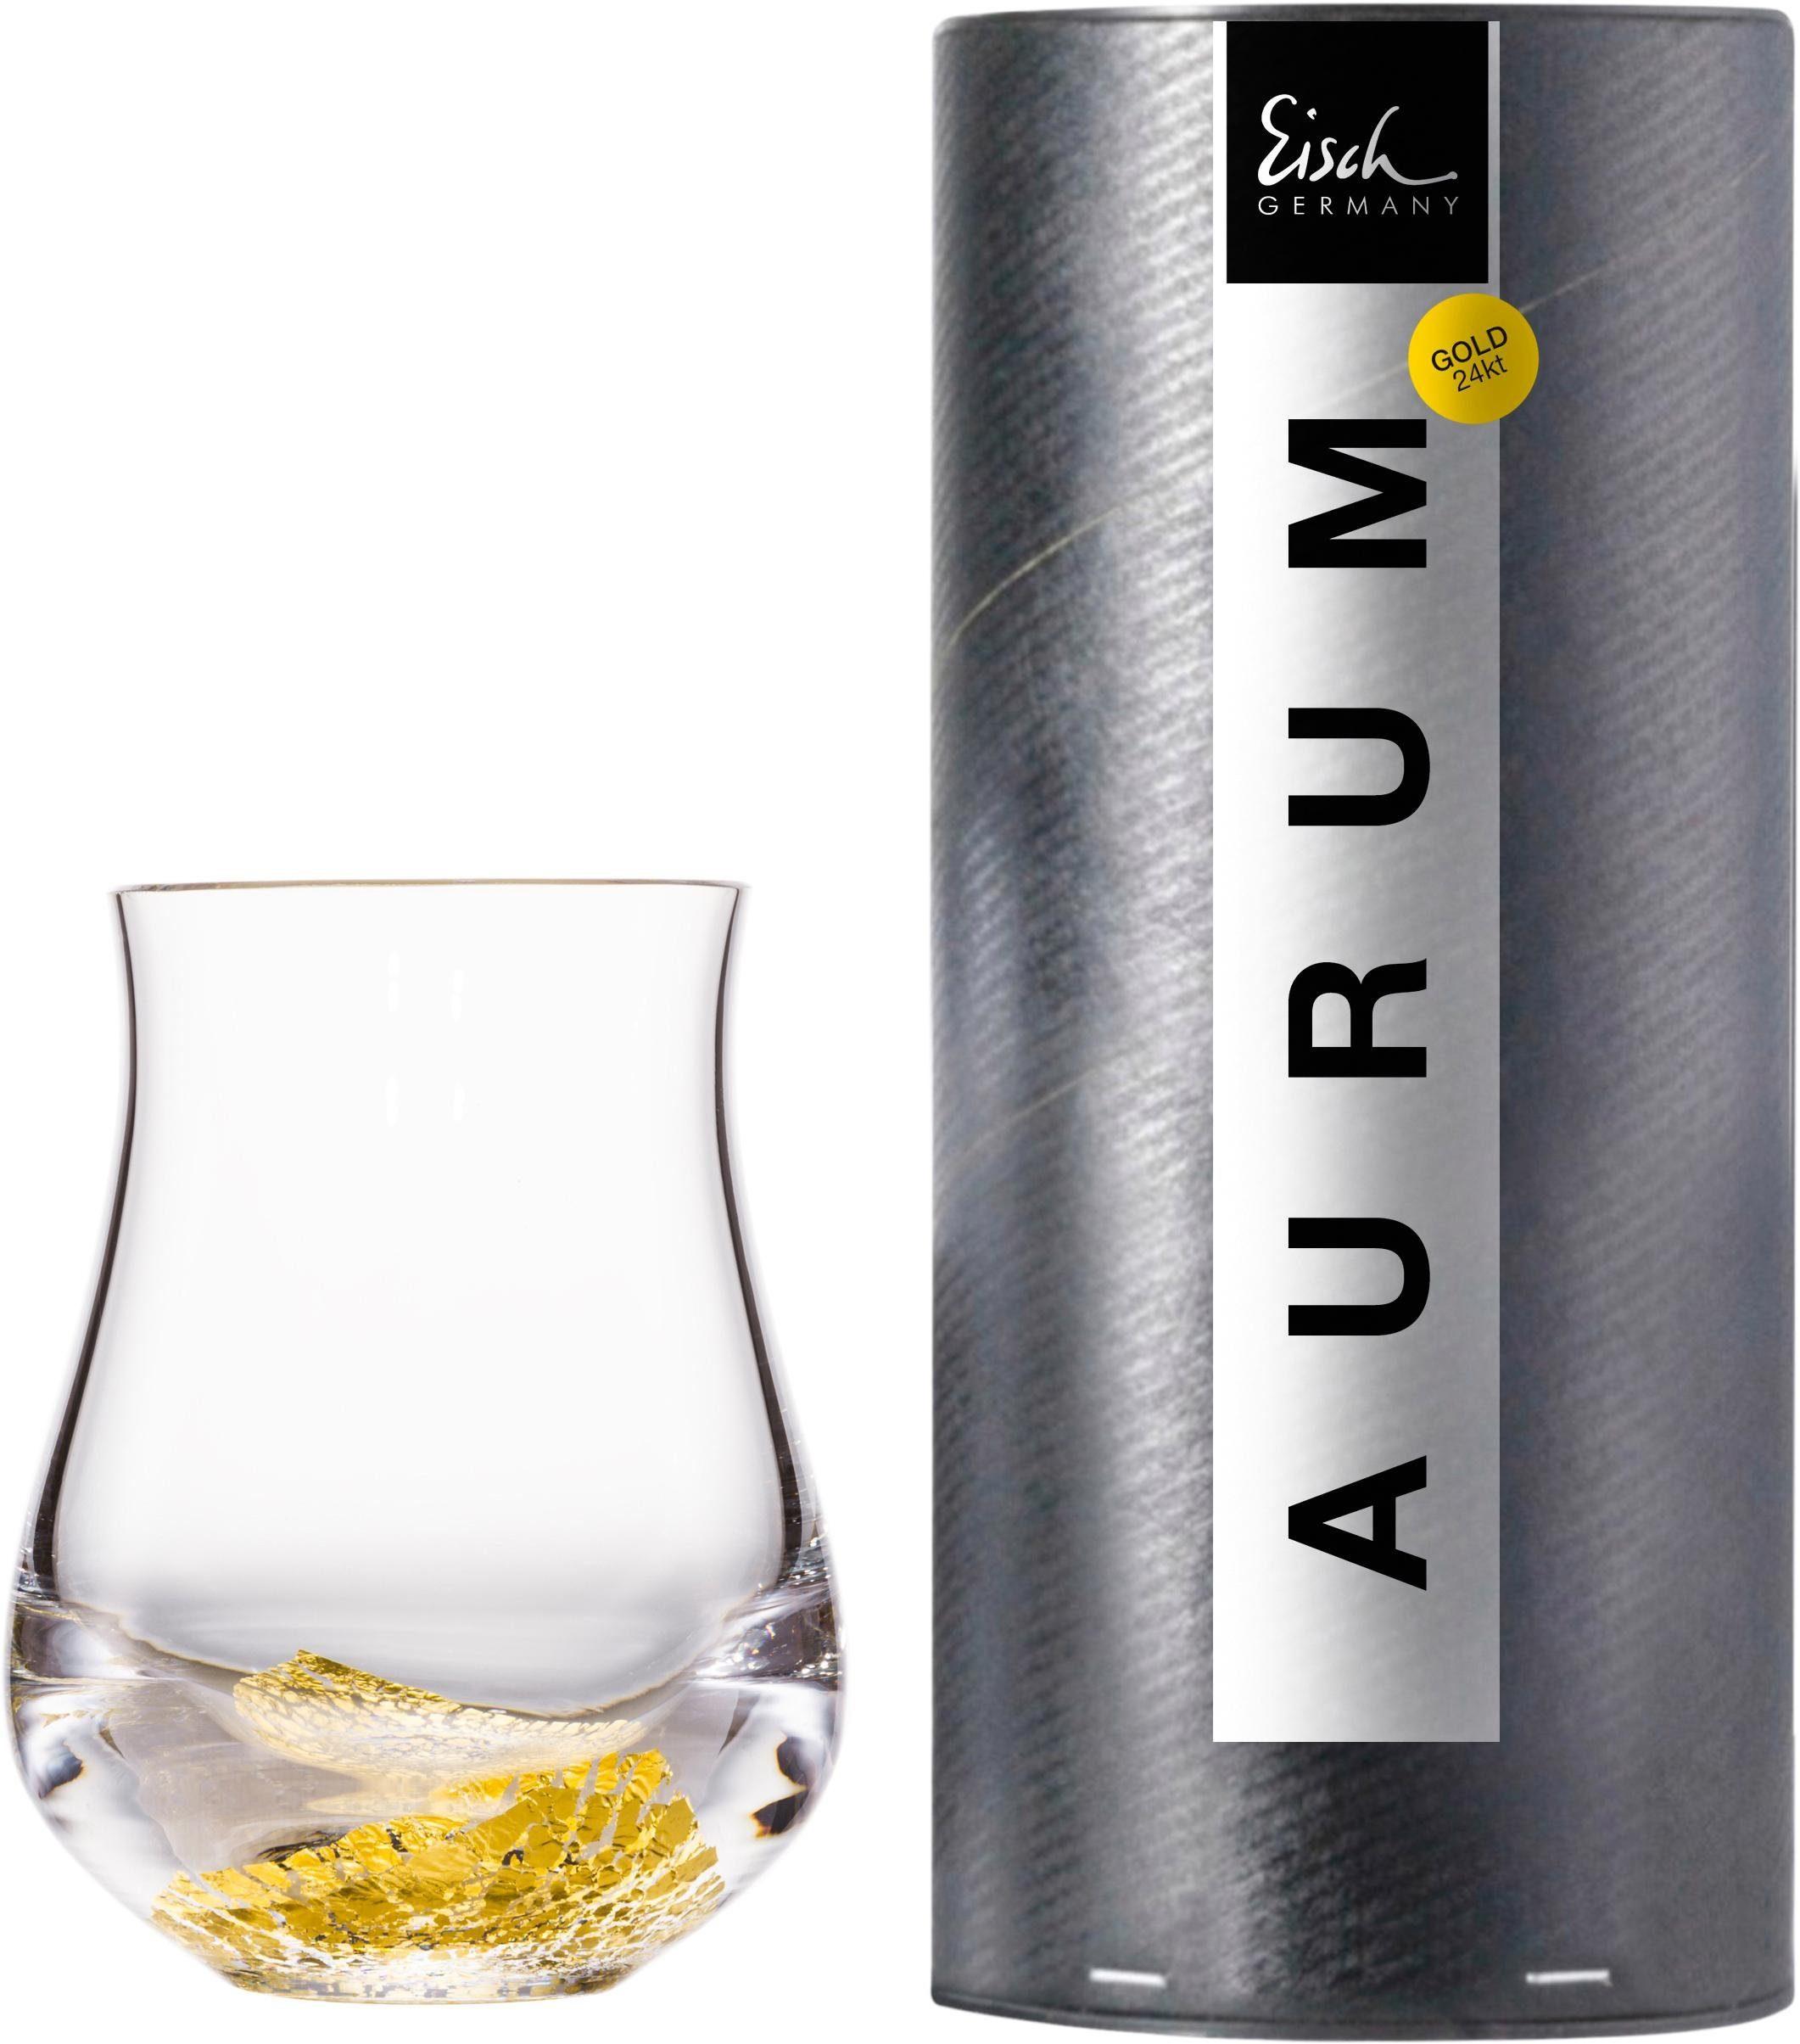 Eisch Whiskyglas Aurum, (1 tlg.), handgefertigt, bleifreies Kristallglas, 360 ml farblos Kristallgläser Gläser Glaswaren Haushaltswaren